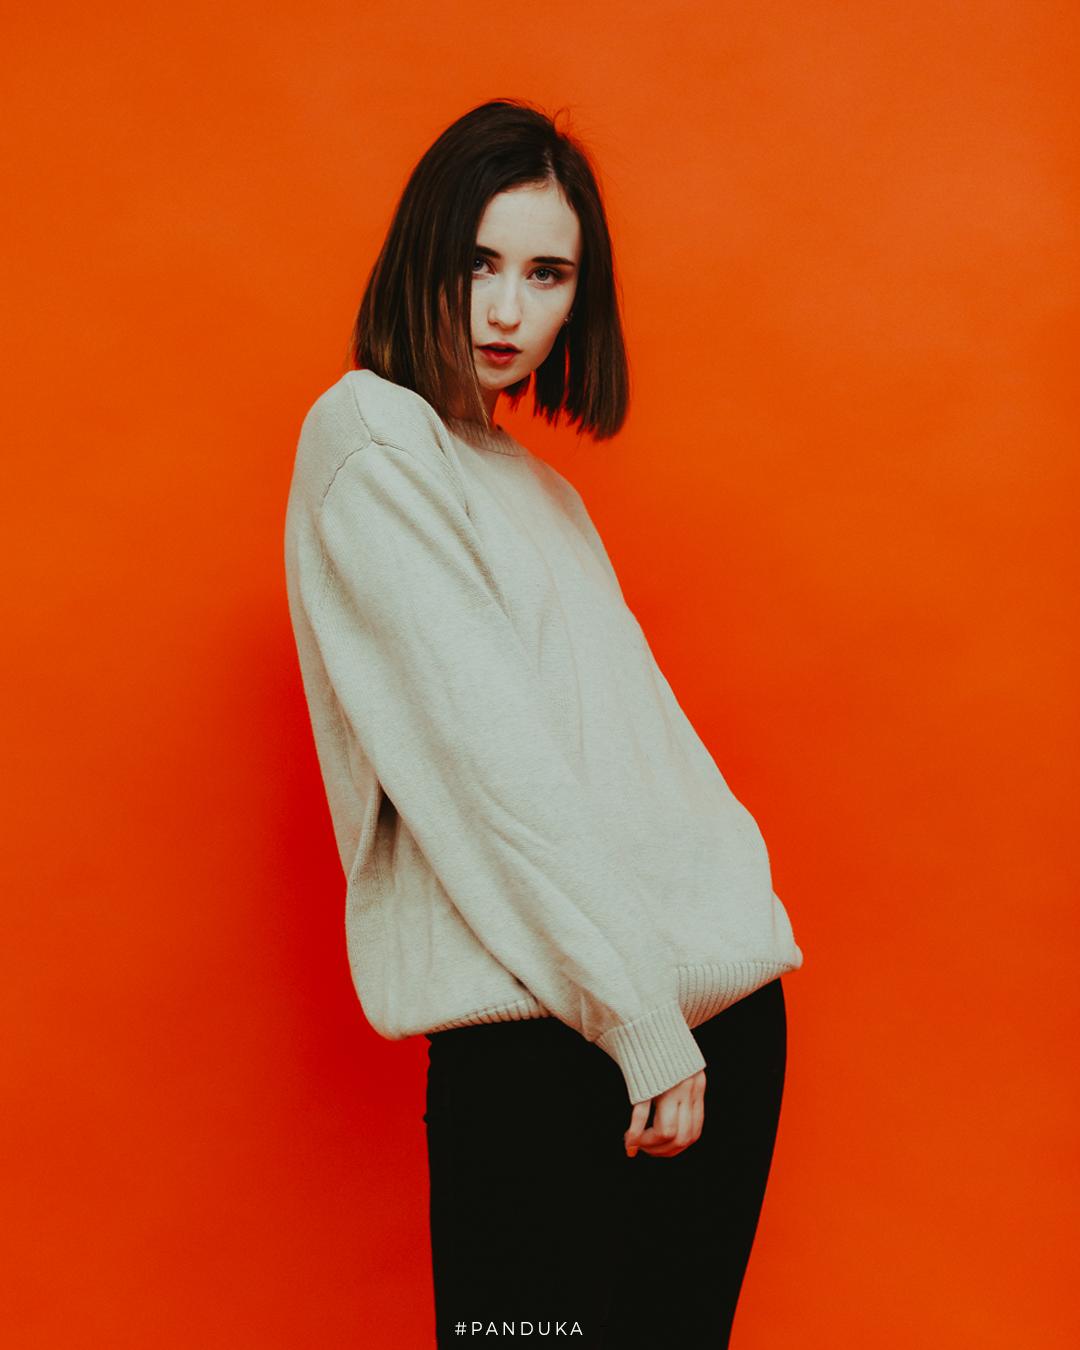 Model On Orange Background 1